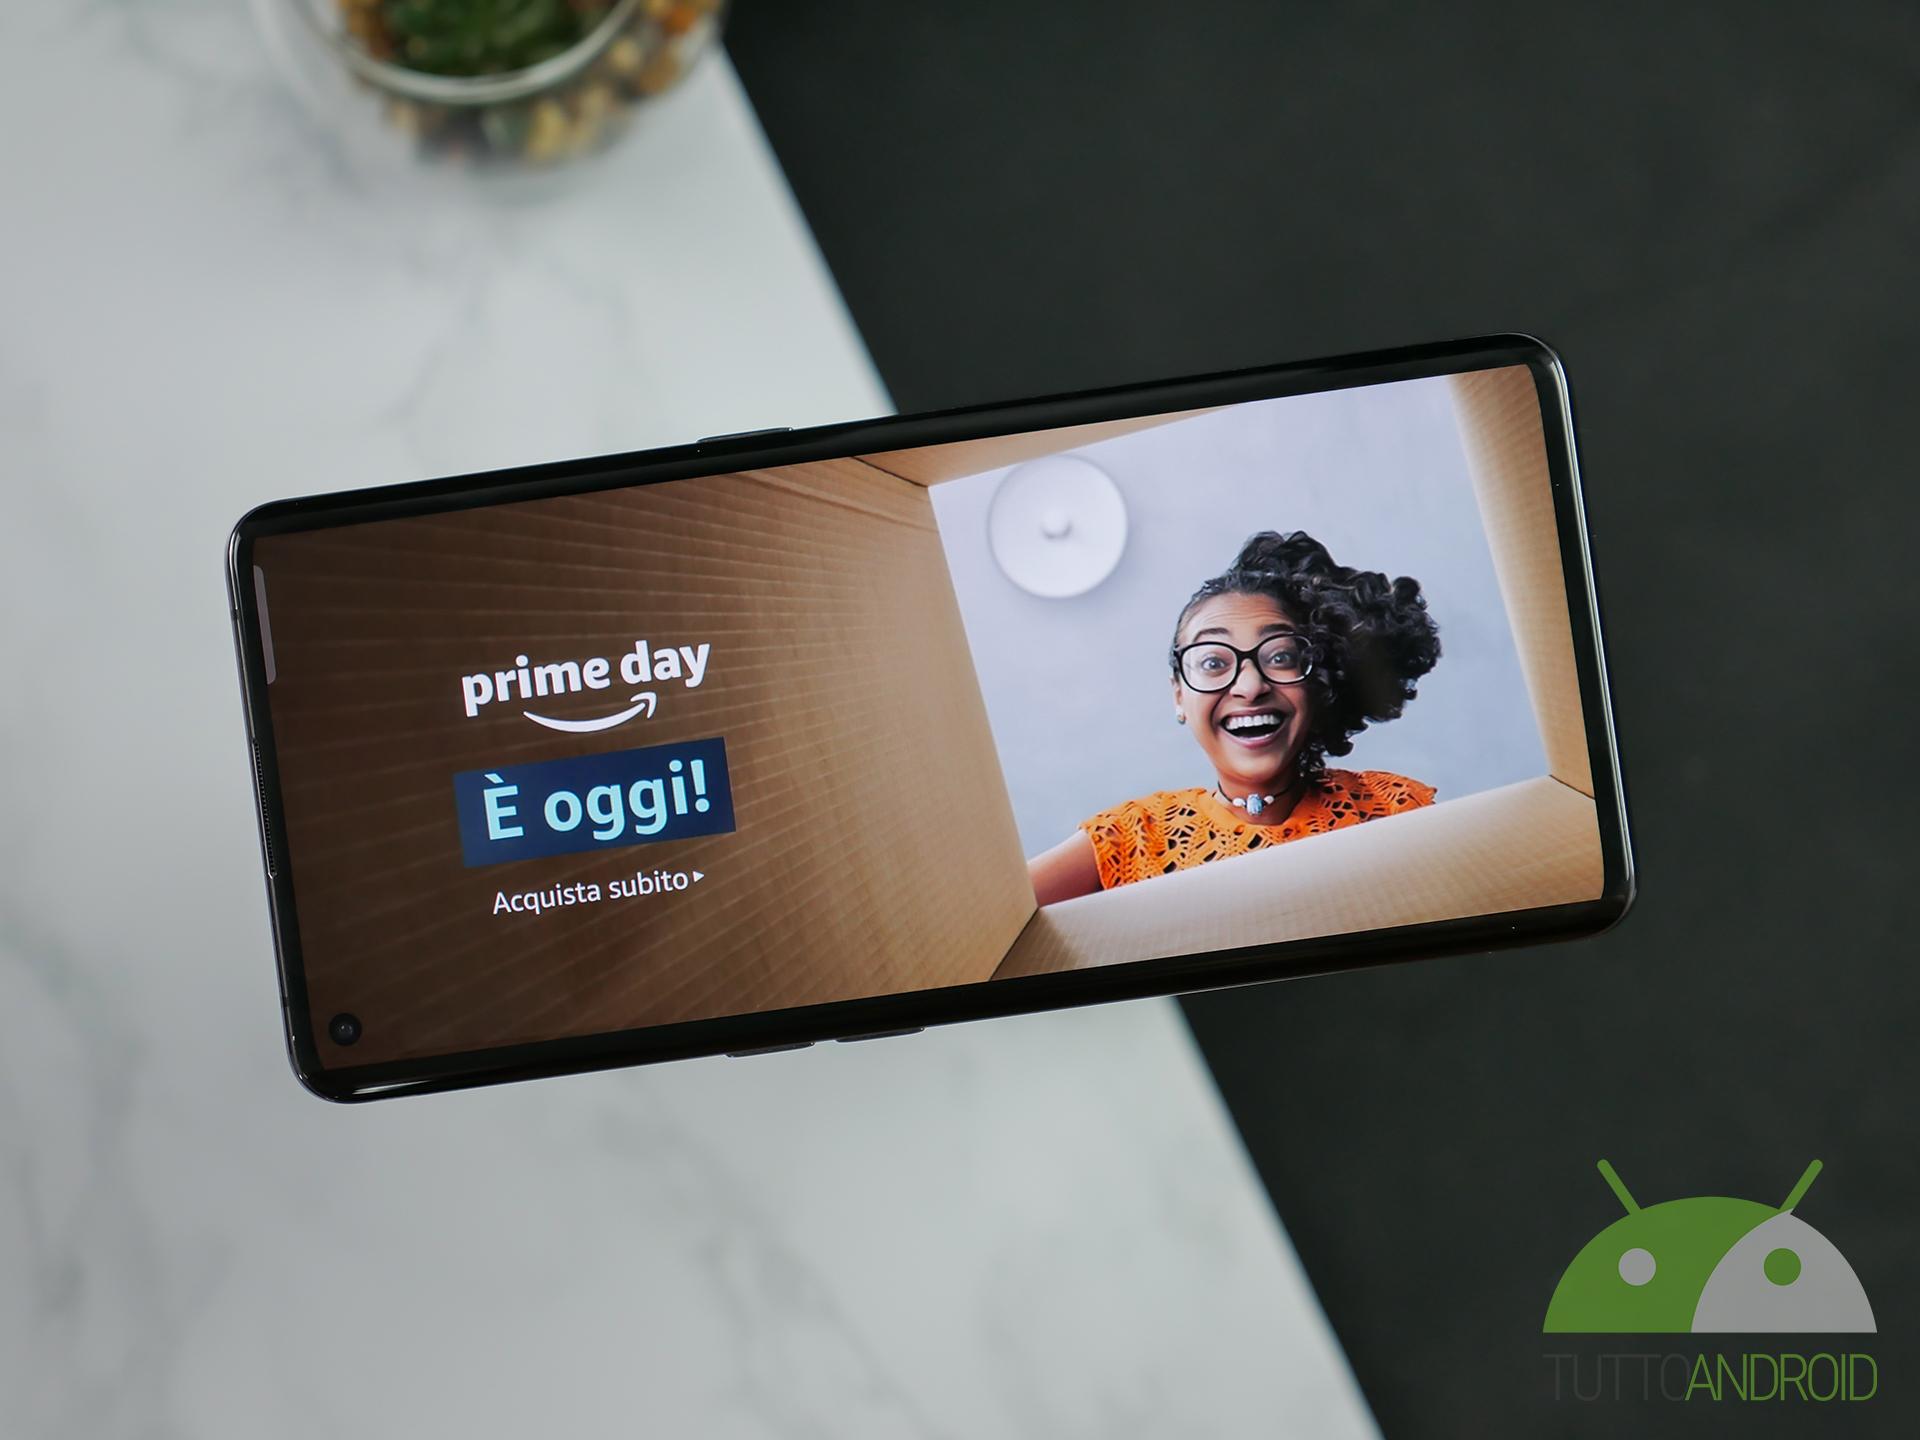 L'Amazon Prime Day 2021 è iniziato: le offerte imperdibili del 21 giugno